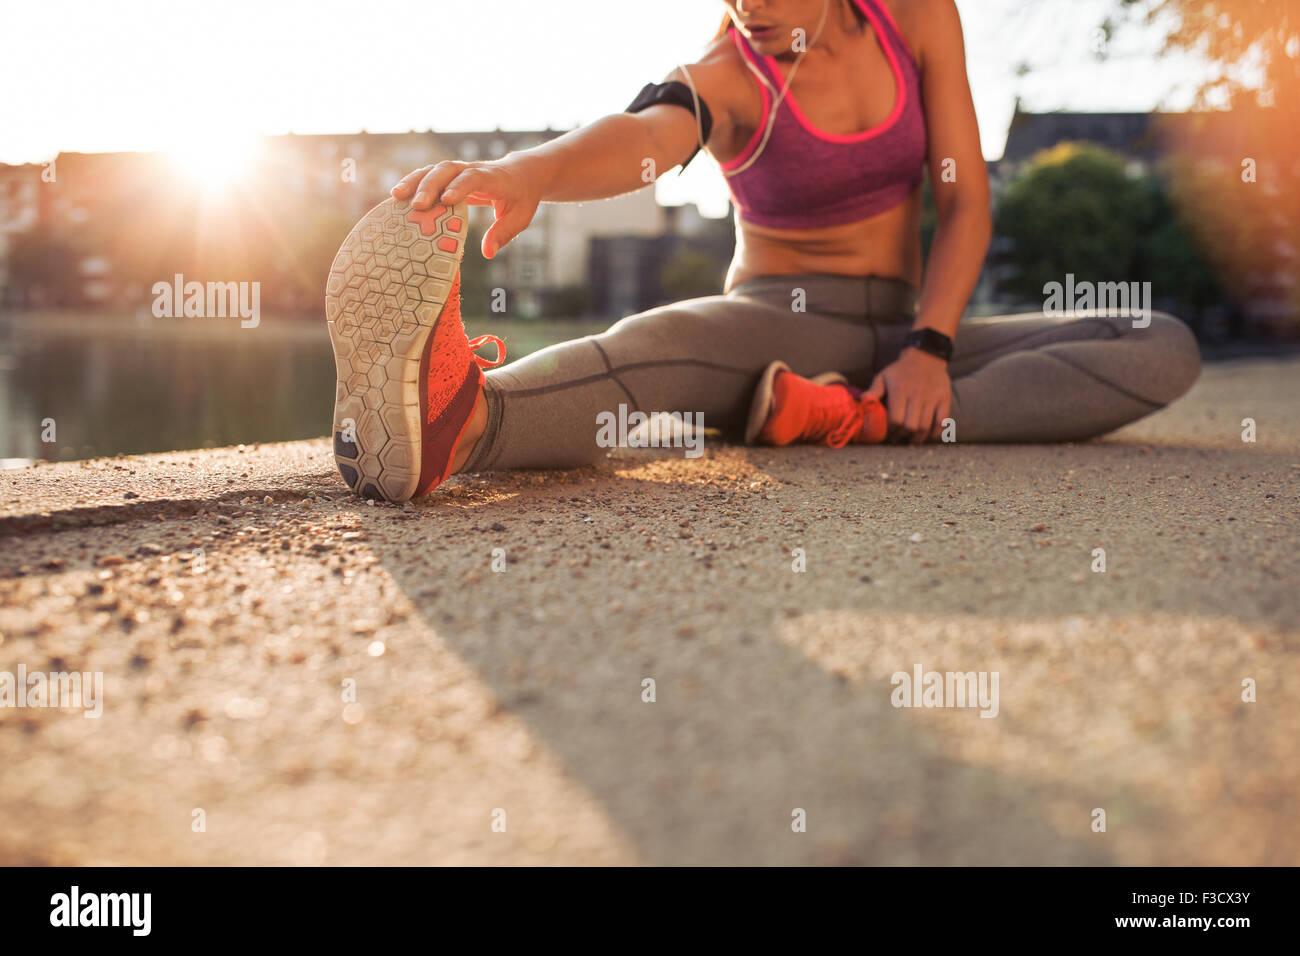 Captura recortada de corredoras, estirar las piernas antes de hacer su entrenamiento de verano. Mujer calentamiento Imagen De Stock